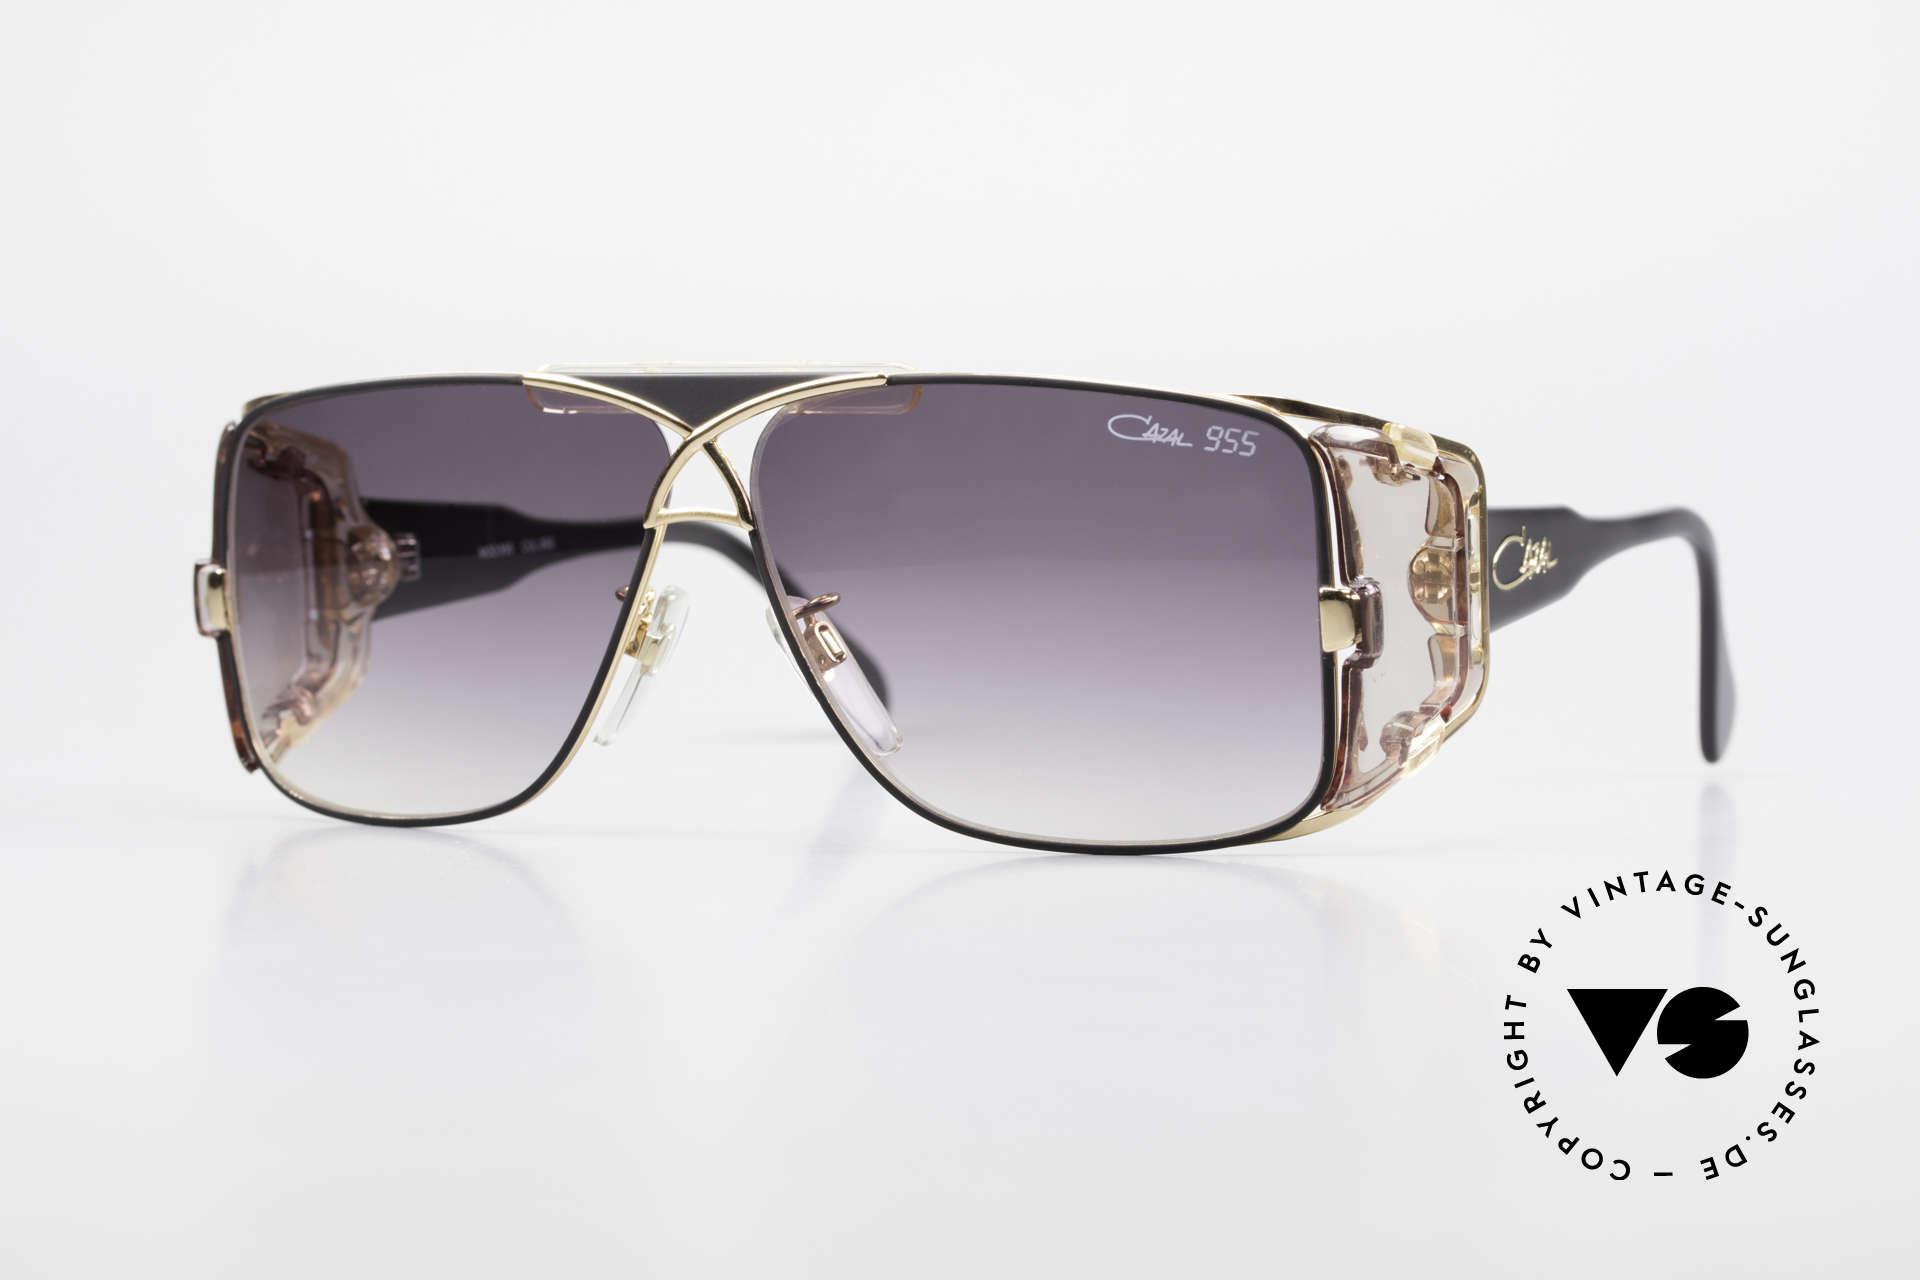 Cazal 955 80er Hip Hop Sonnenbrille, West Germany Cazal vintage Sonnenbrille von 1987, Passend für Herren